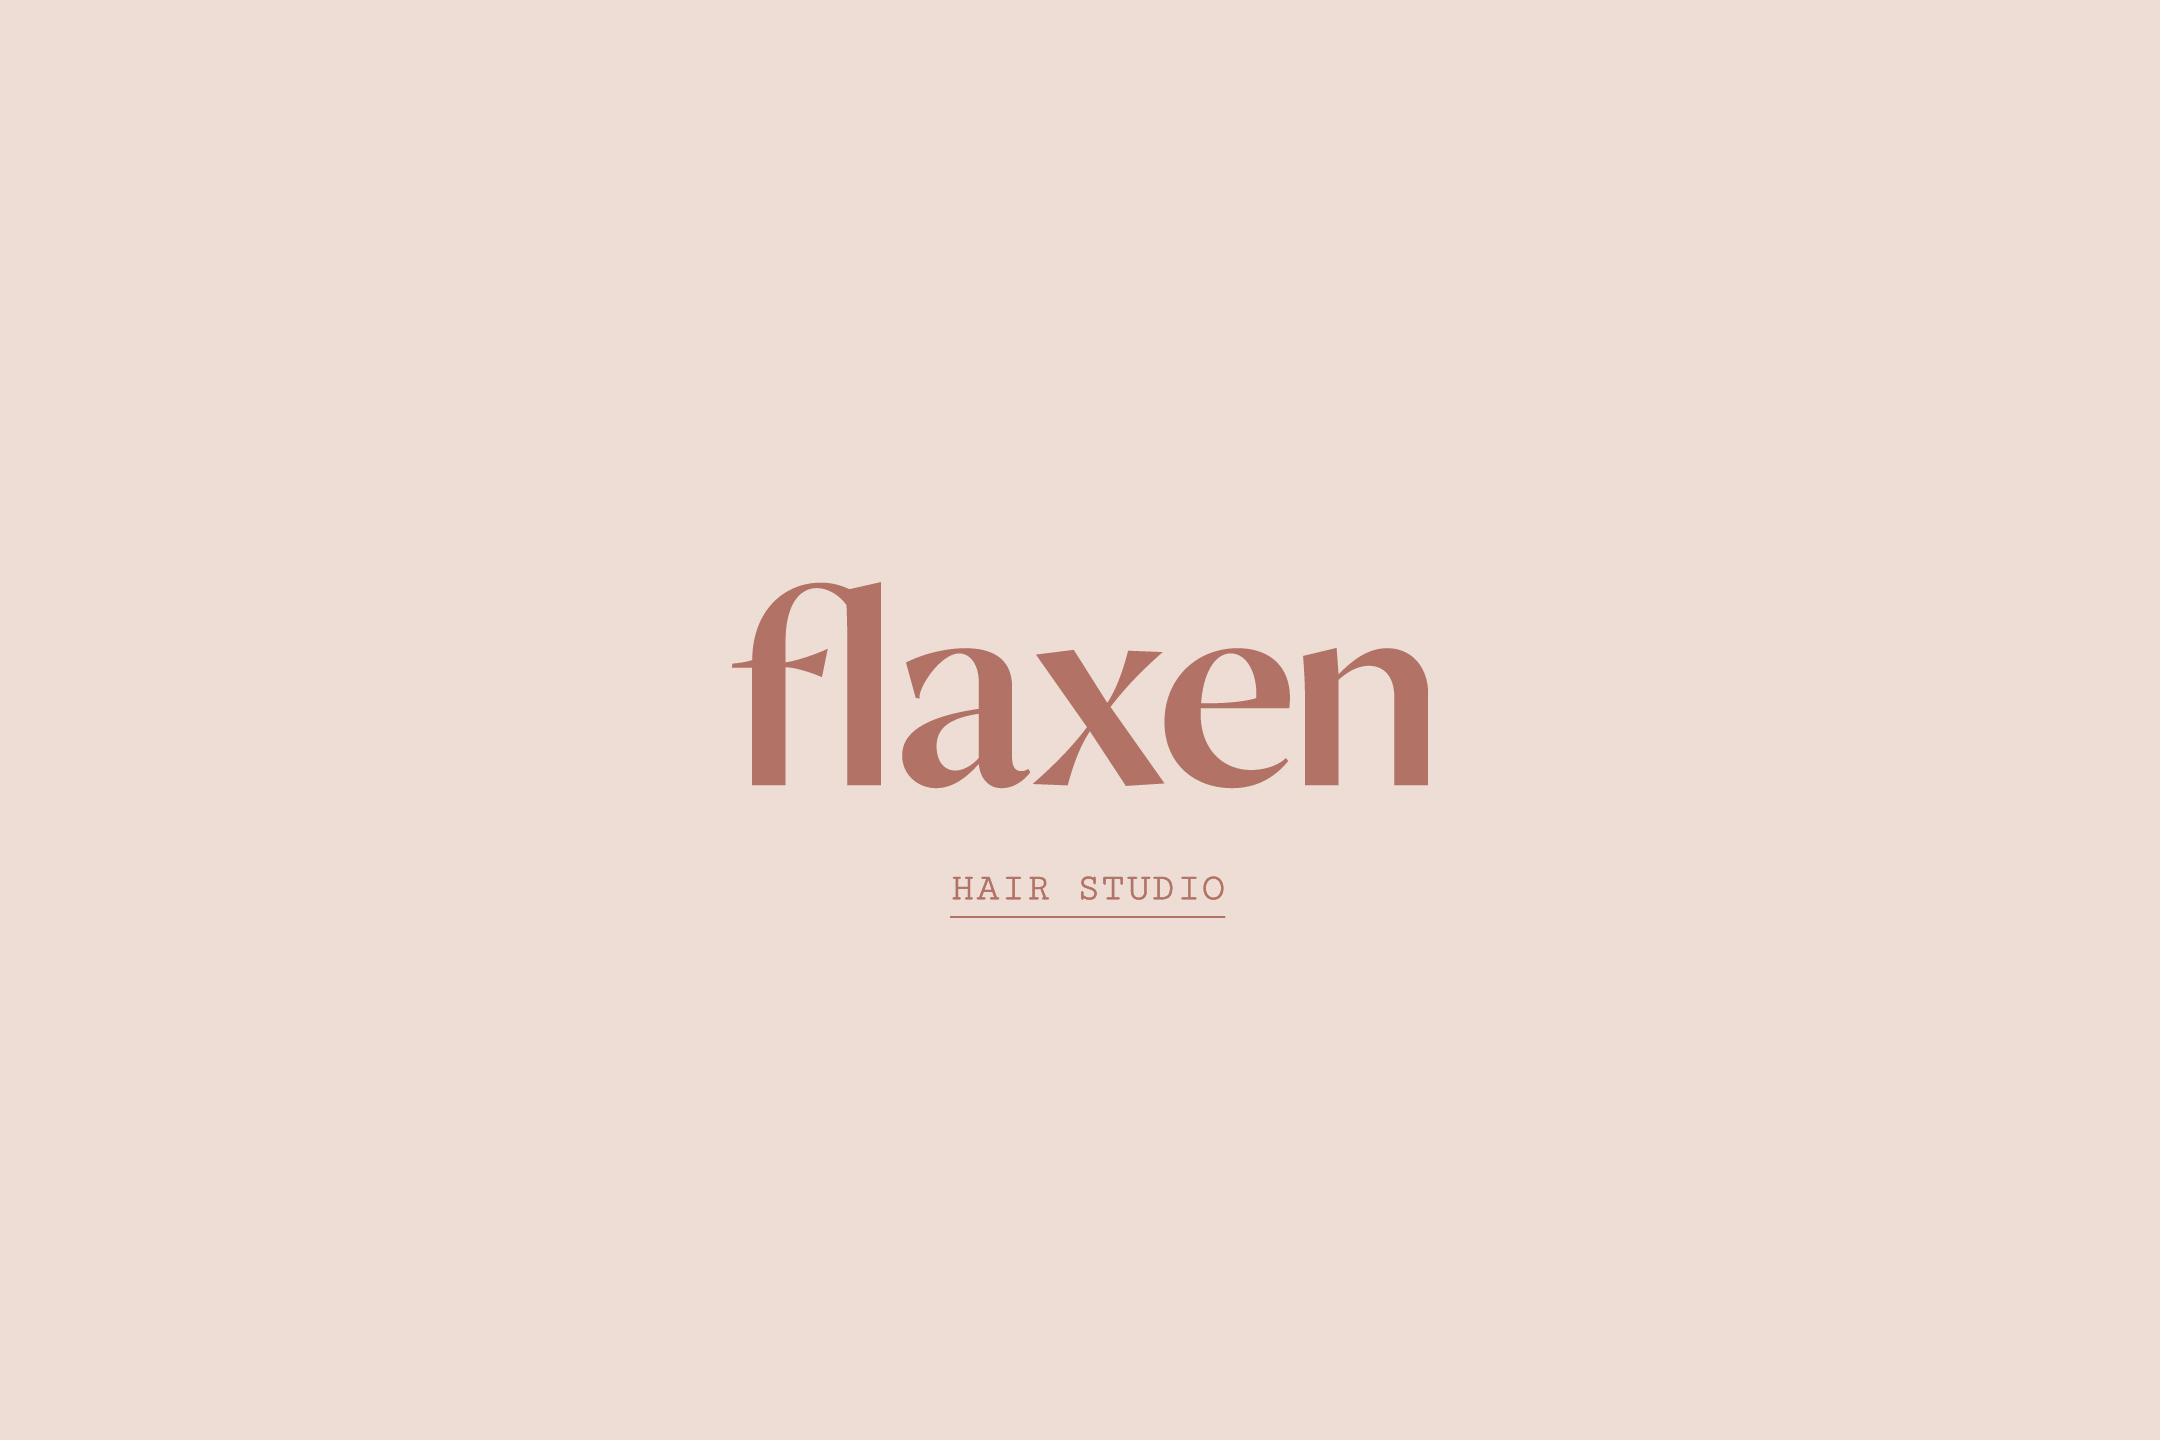 flaxen_1.jpg